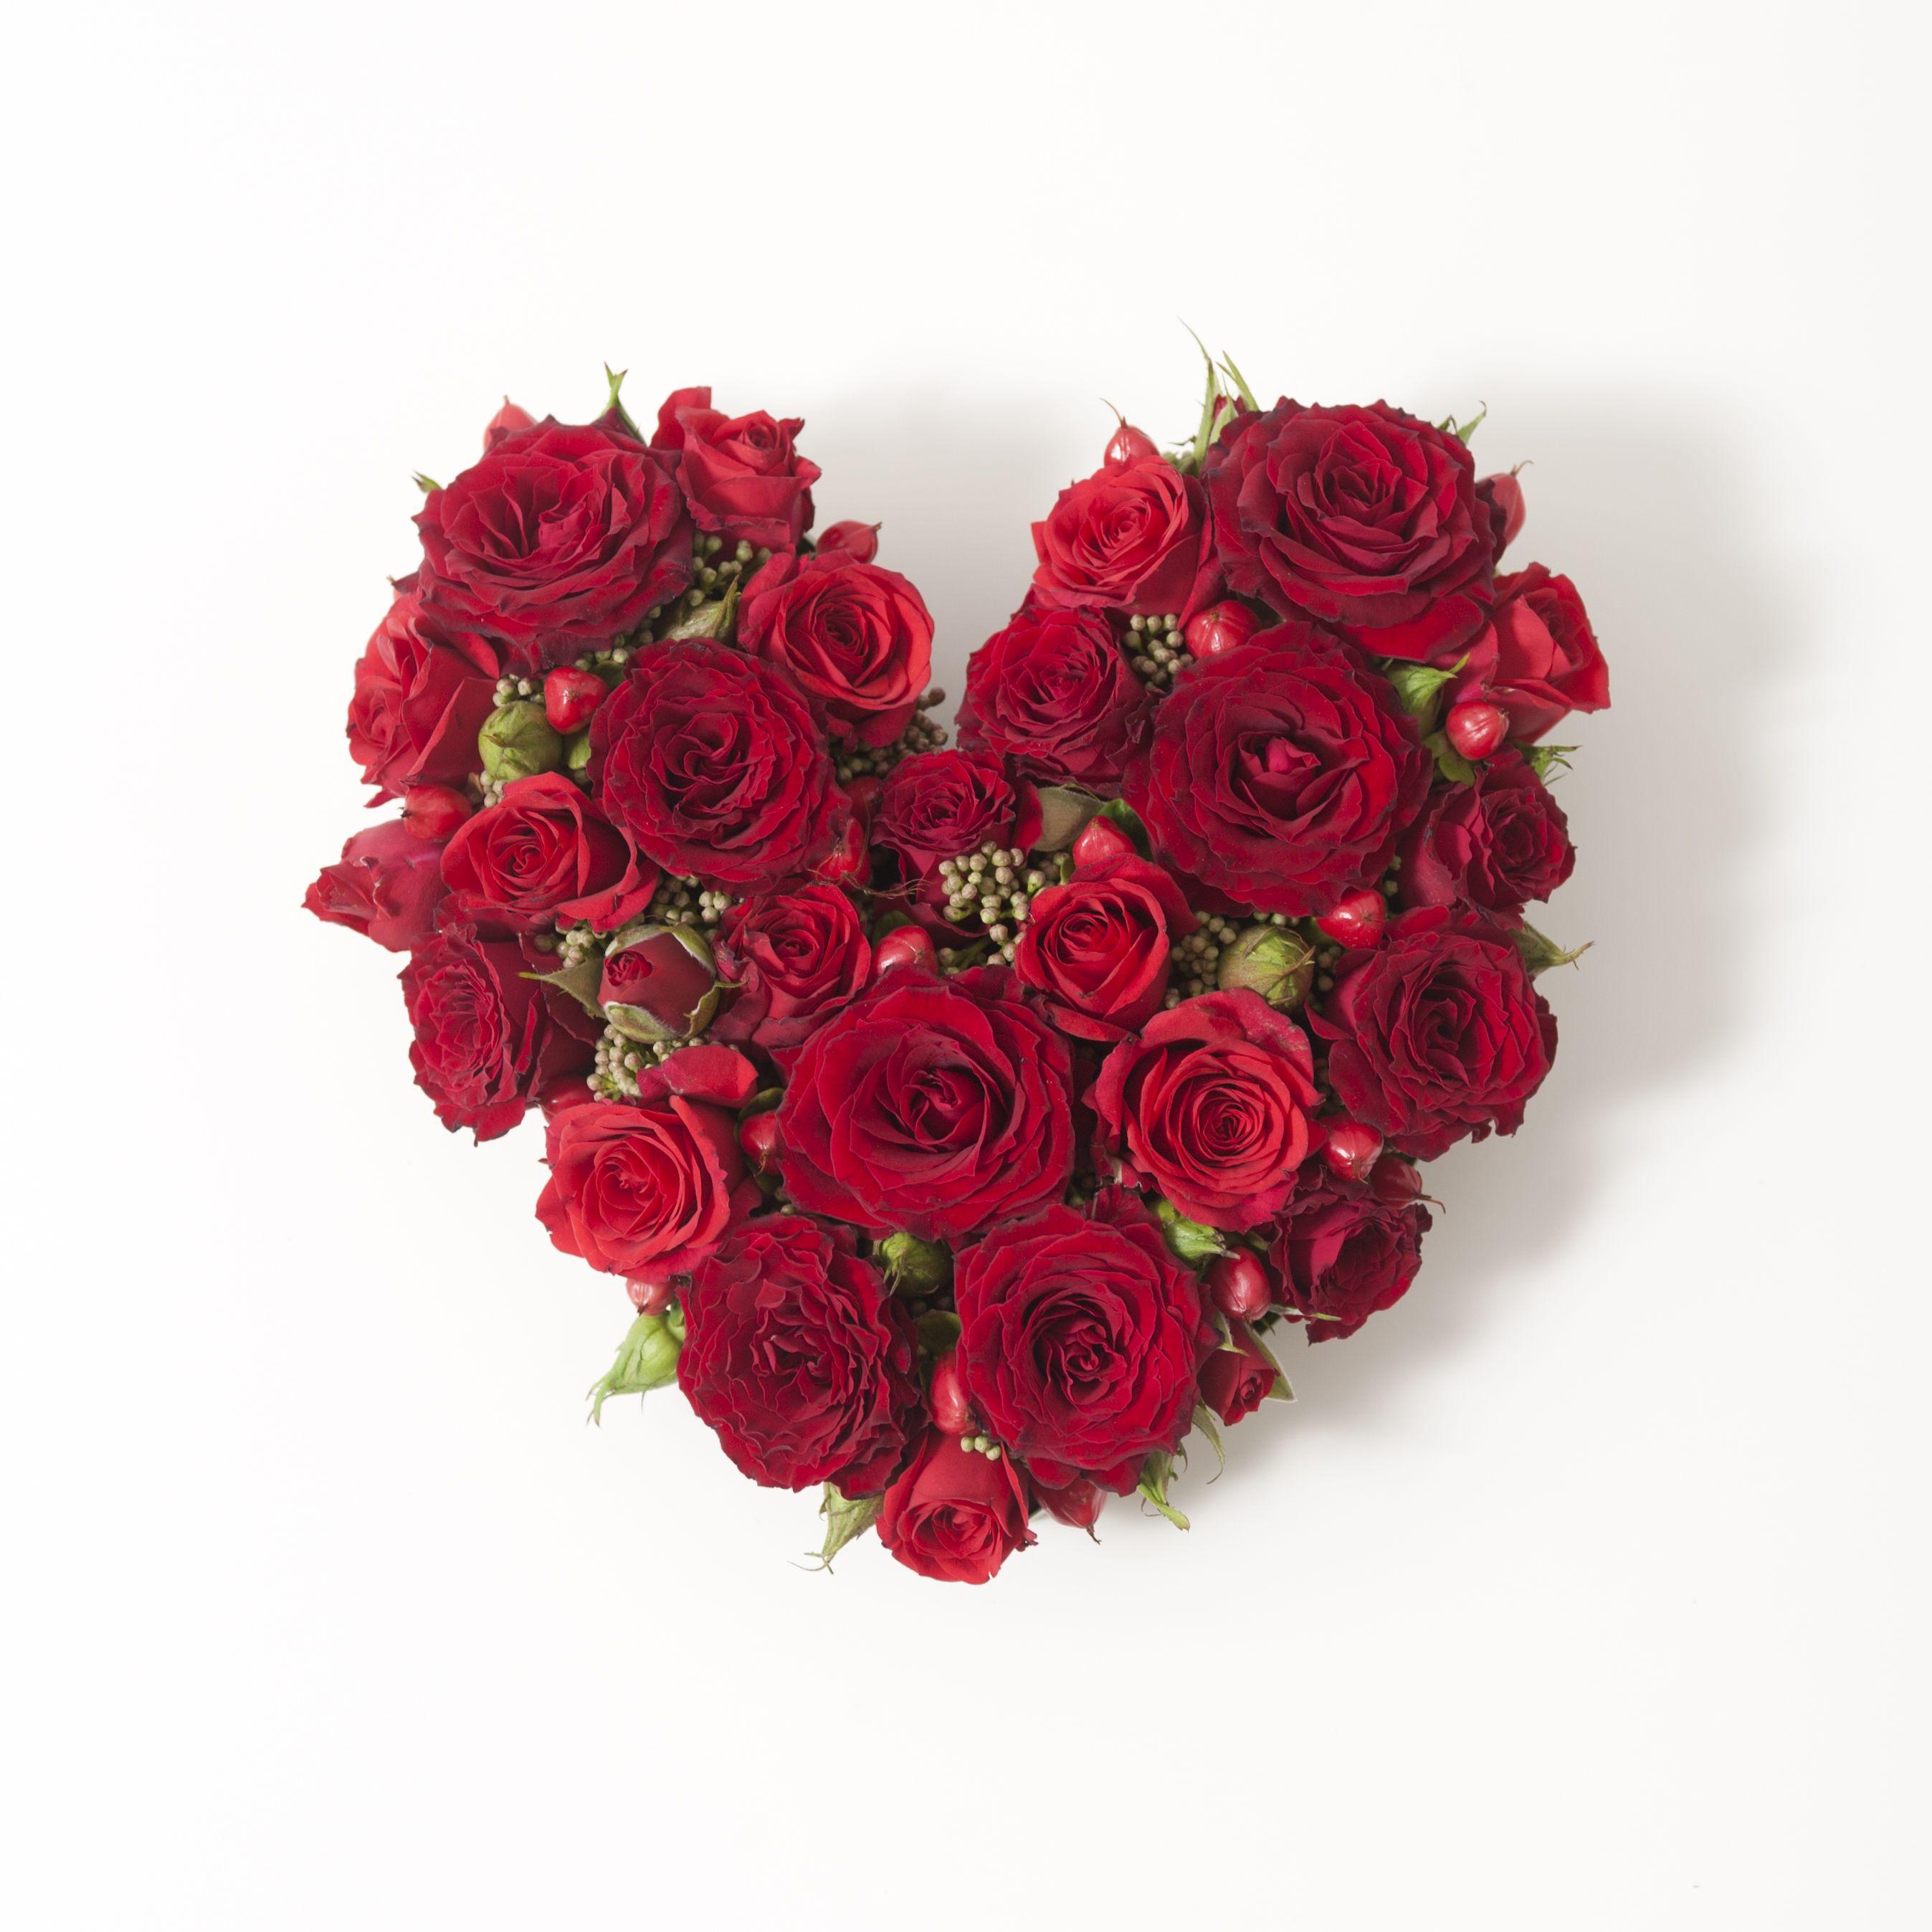 assemblage de roses rouges en forme de coeur id al pour la saint valentin composition cupidon. Black Bedroom Furniture Sets. Home Design Ideas